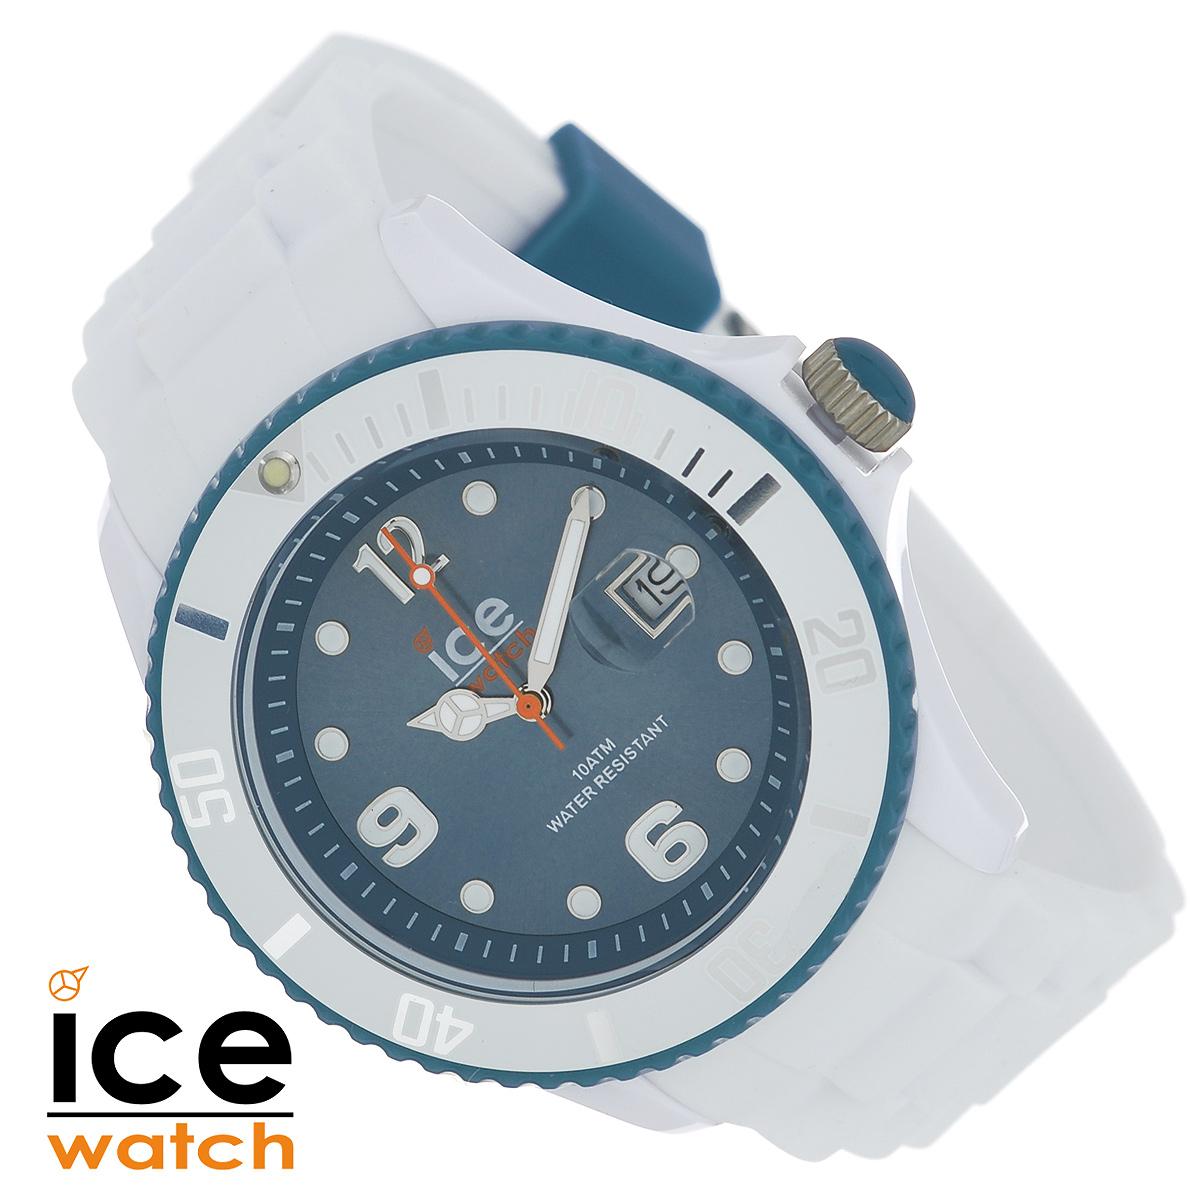 ввиду, что часы ice watch белые ароматы часто